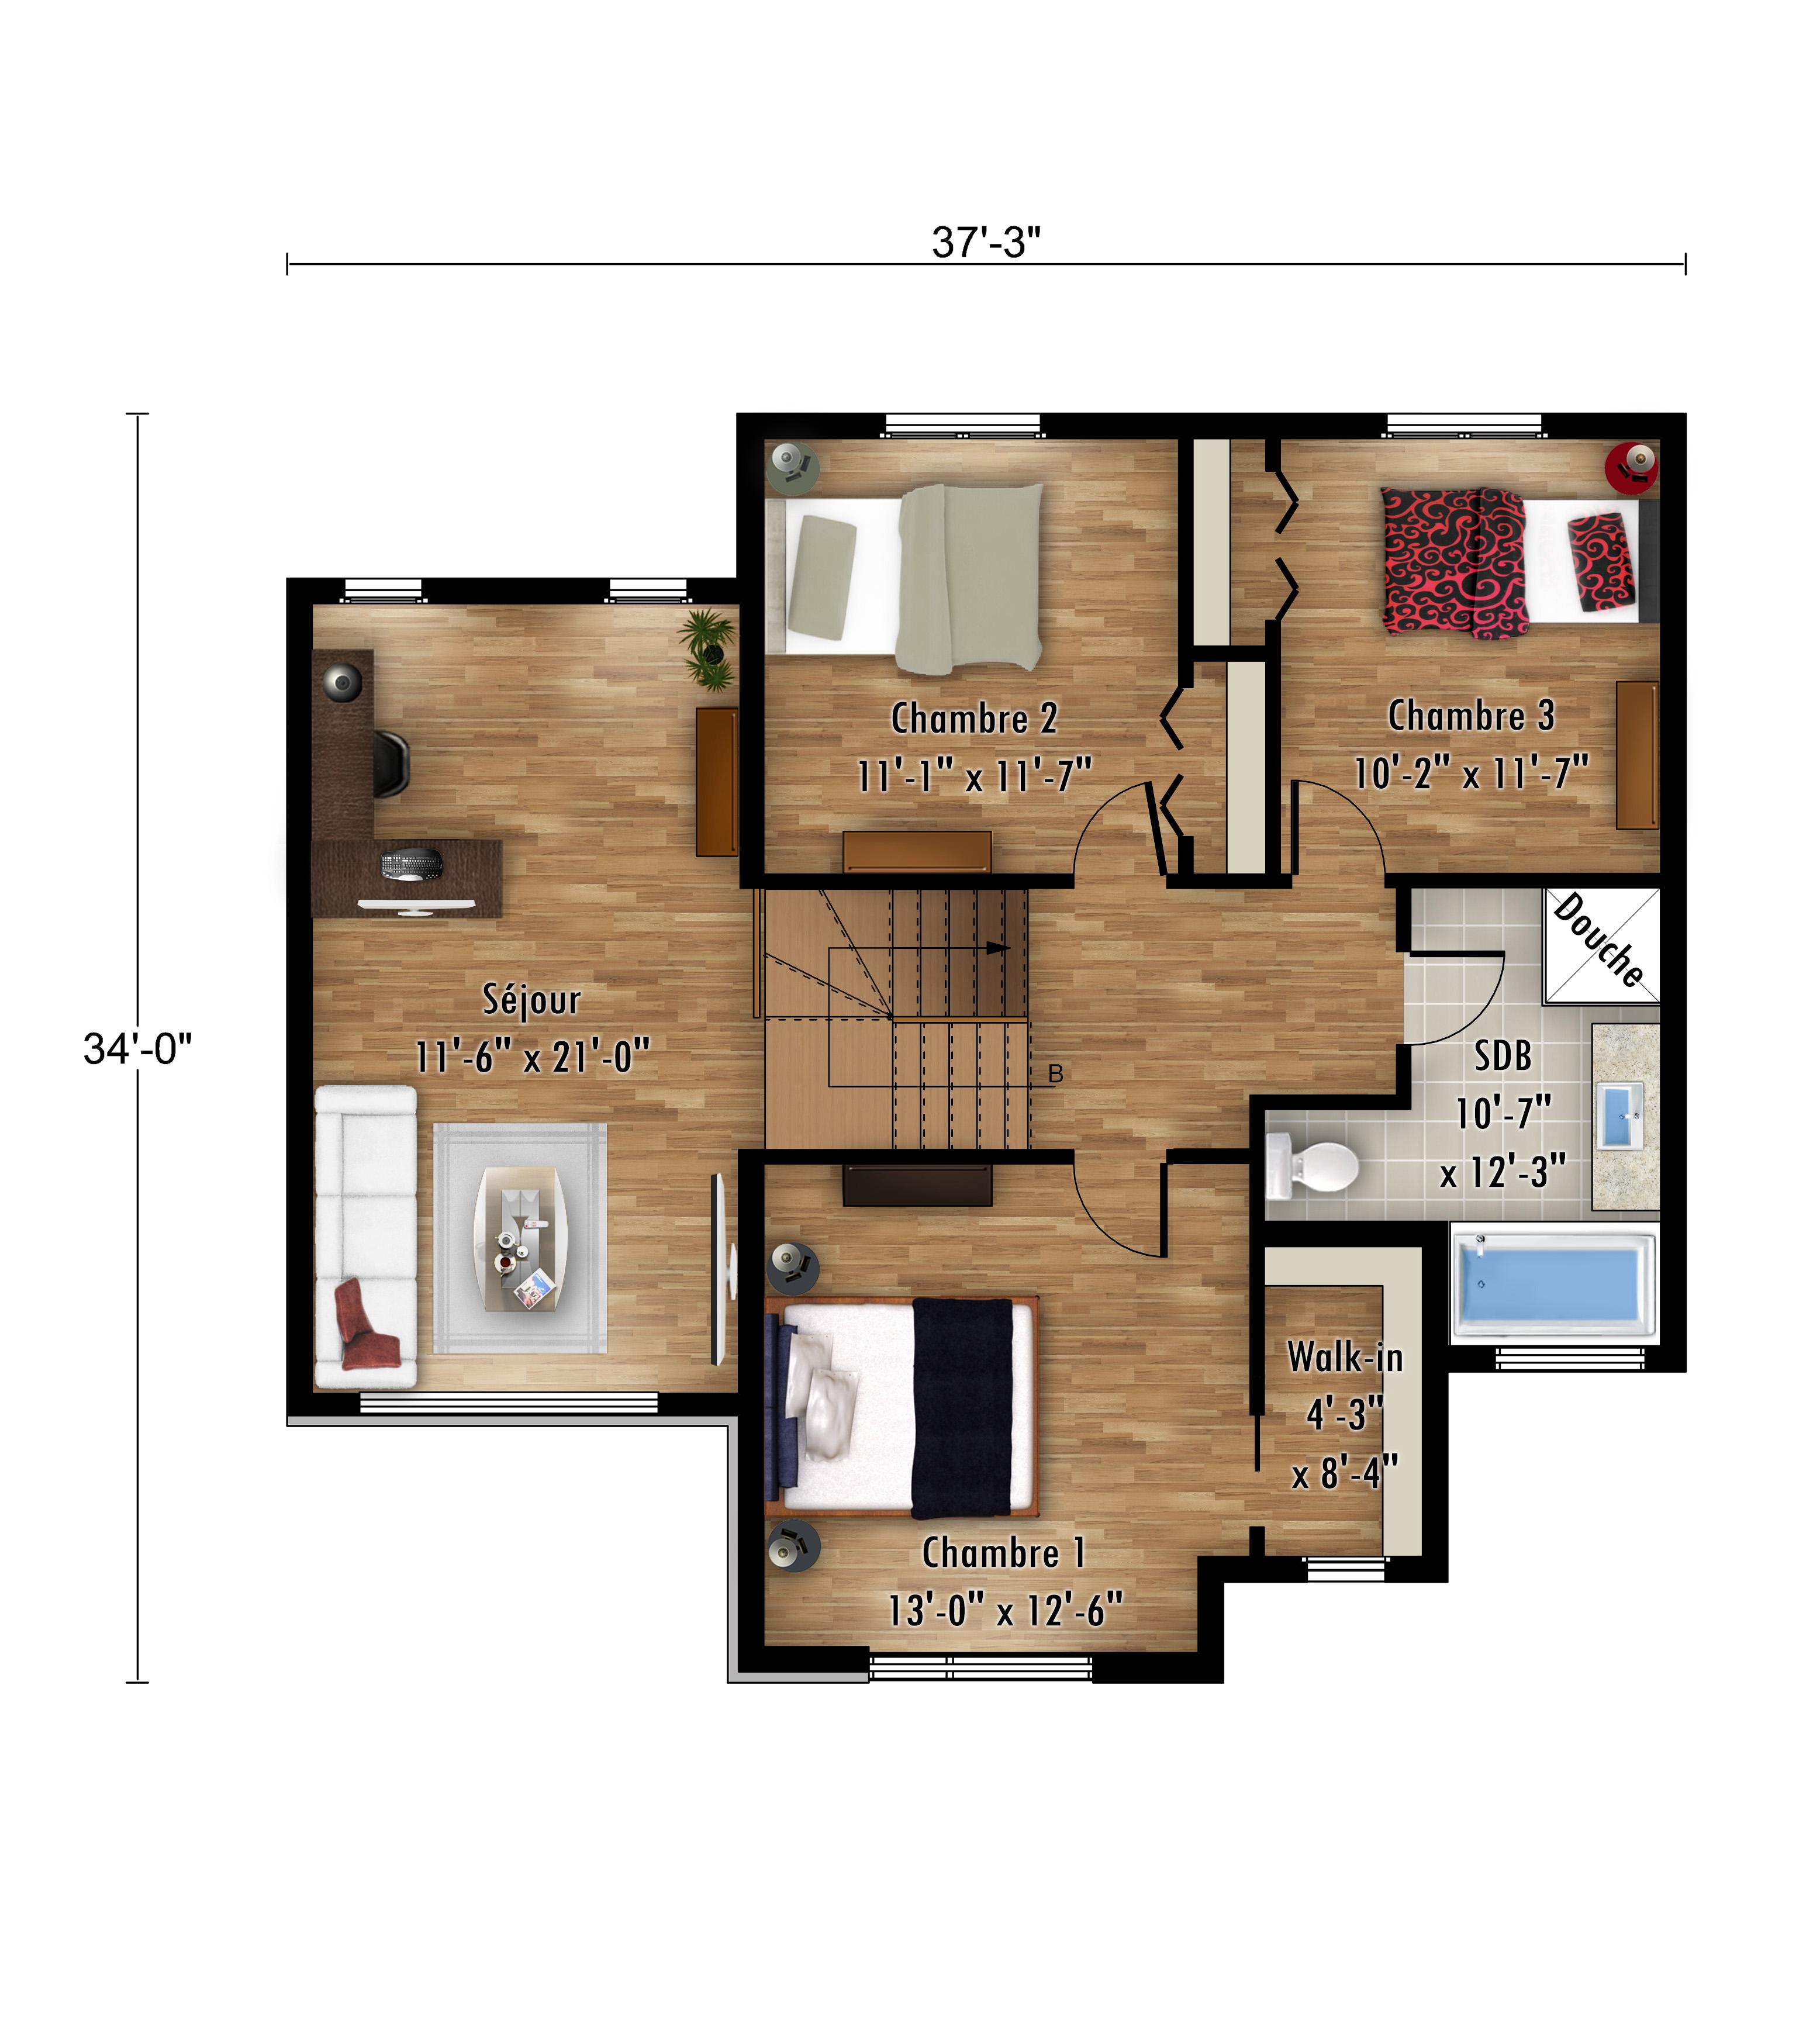 Le Cardinal étage - Rheault - Maisons neuves en vente a Lanaudière